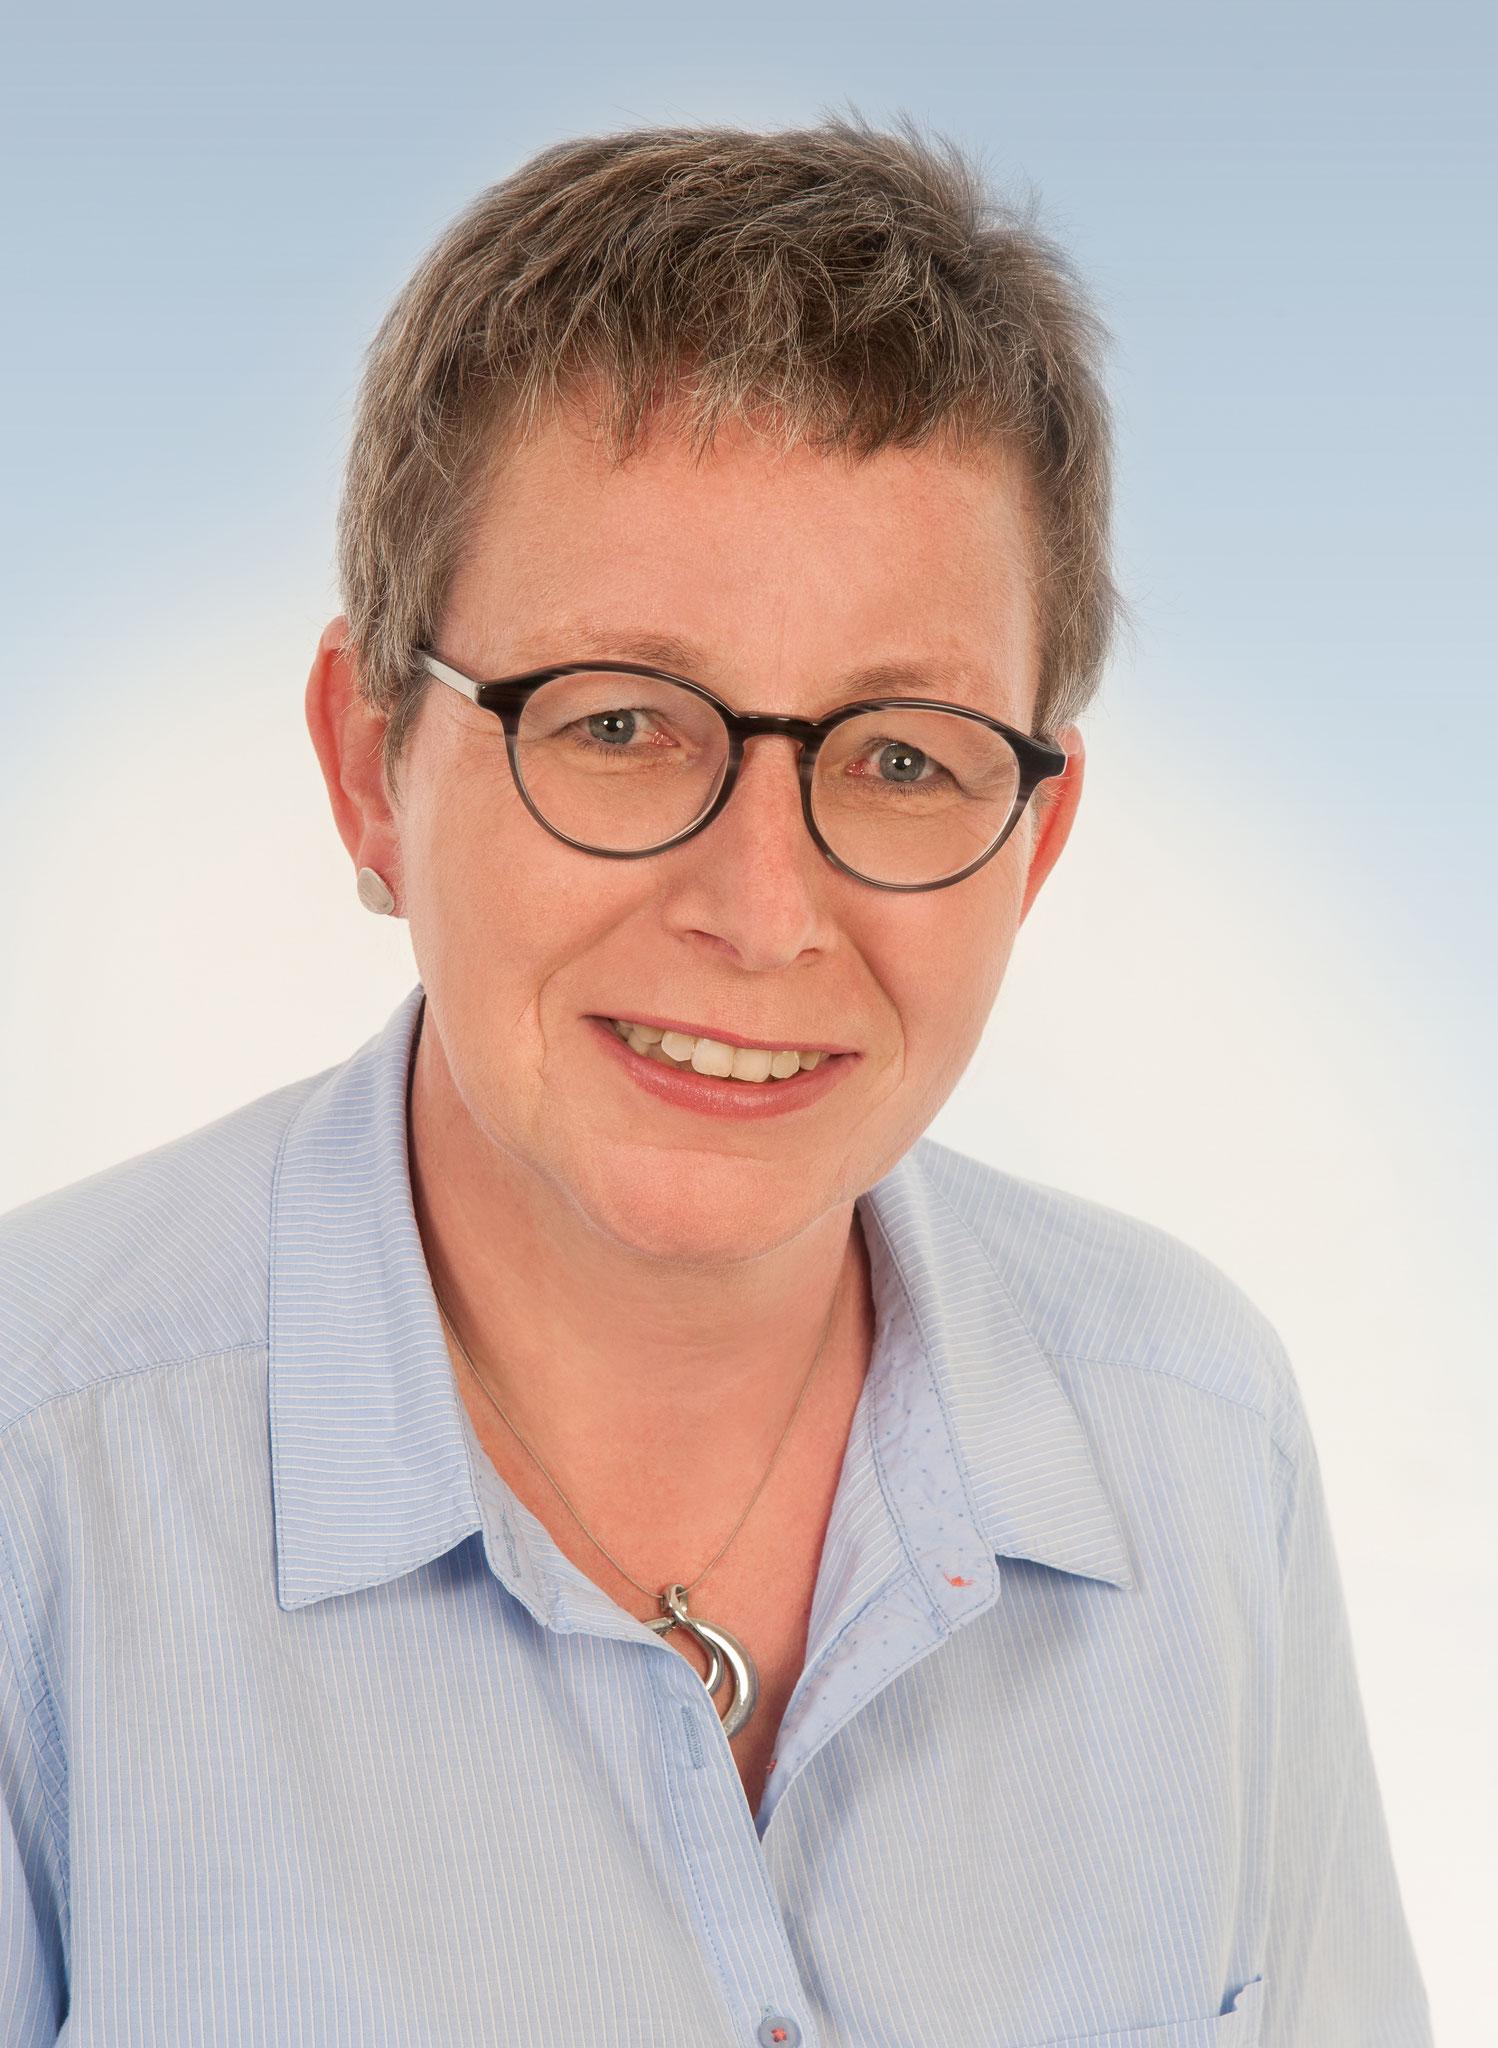 Wohnbezirk III - Dainbach, Edelfingen,  Löffelstelzen: Silke Karl-Ulshöfer, 49 Jahre, Krankenschwester, Ortschaftsrätin Edelfingen seit 2009, Mitglied Amnesty-Gruppe Bad MGH, verheiratet ,2 Kinder